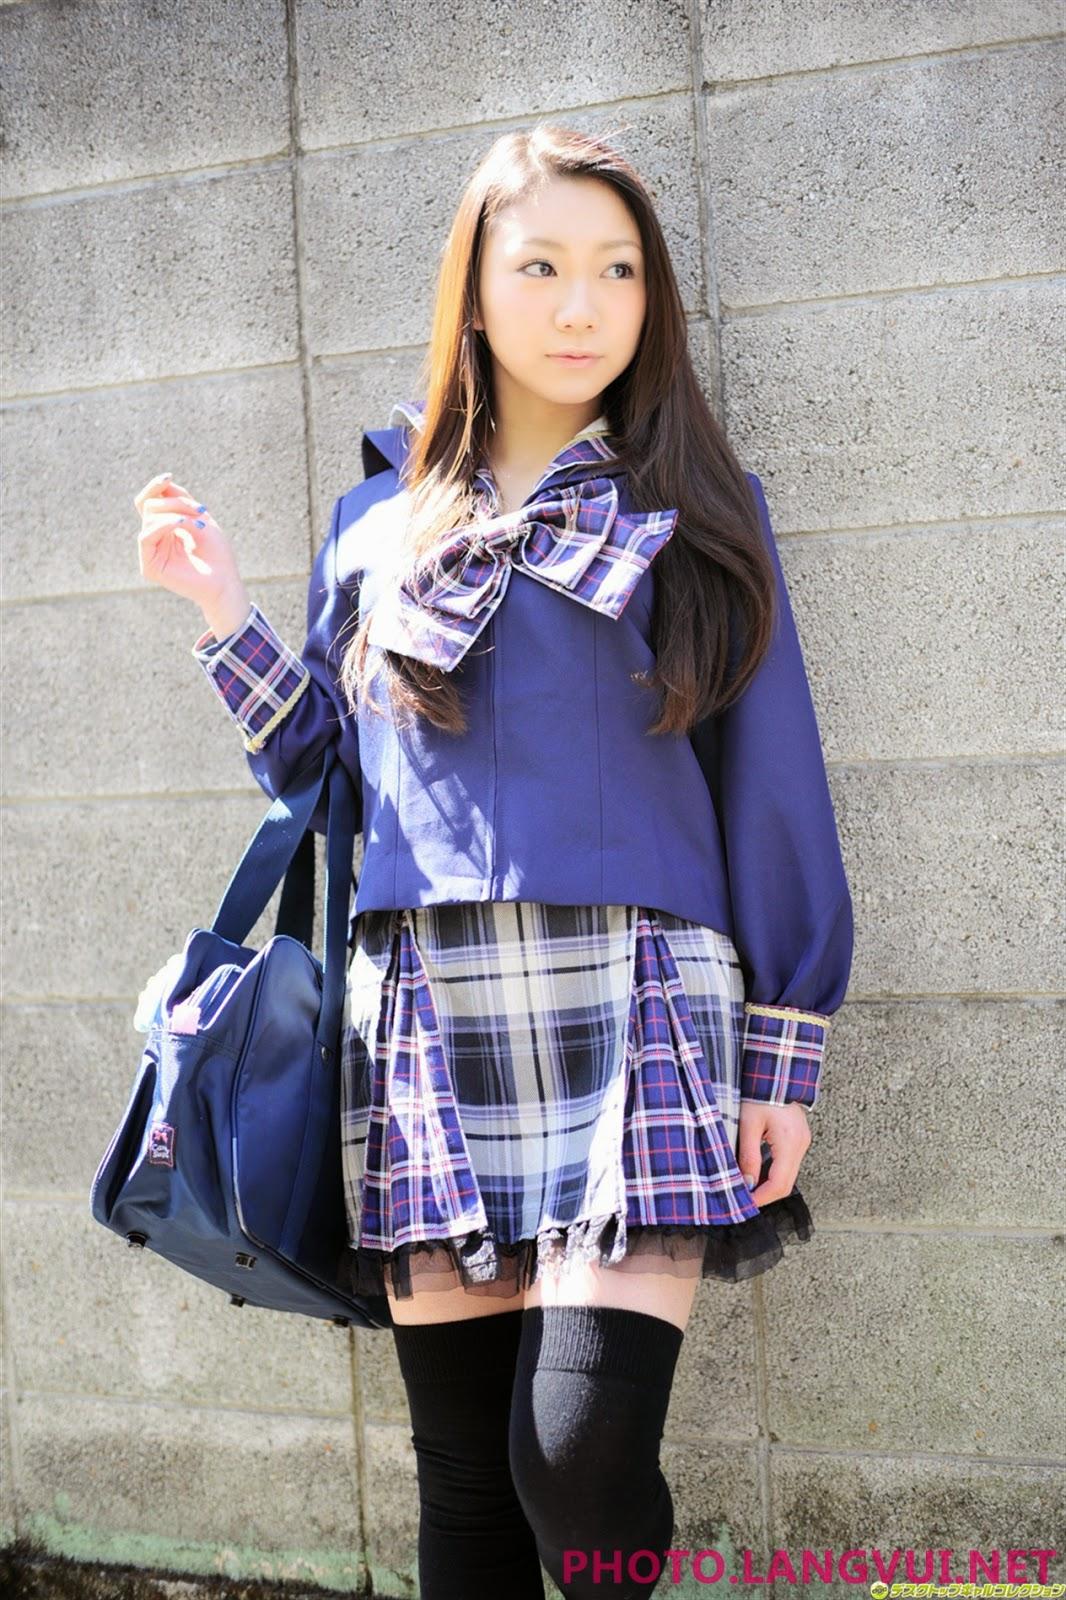 DGC No-948 Tomoyo Hoshino